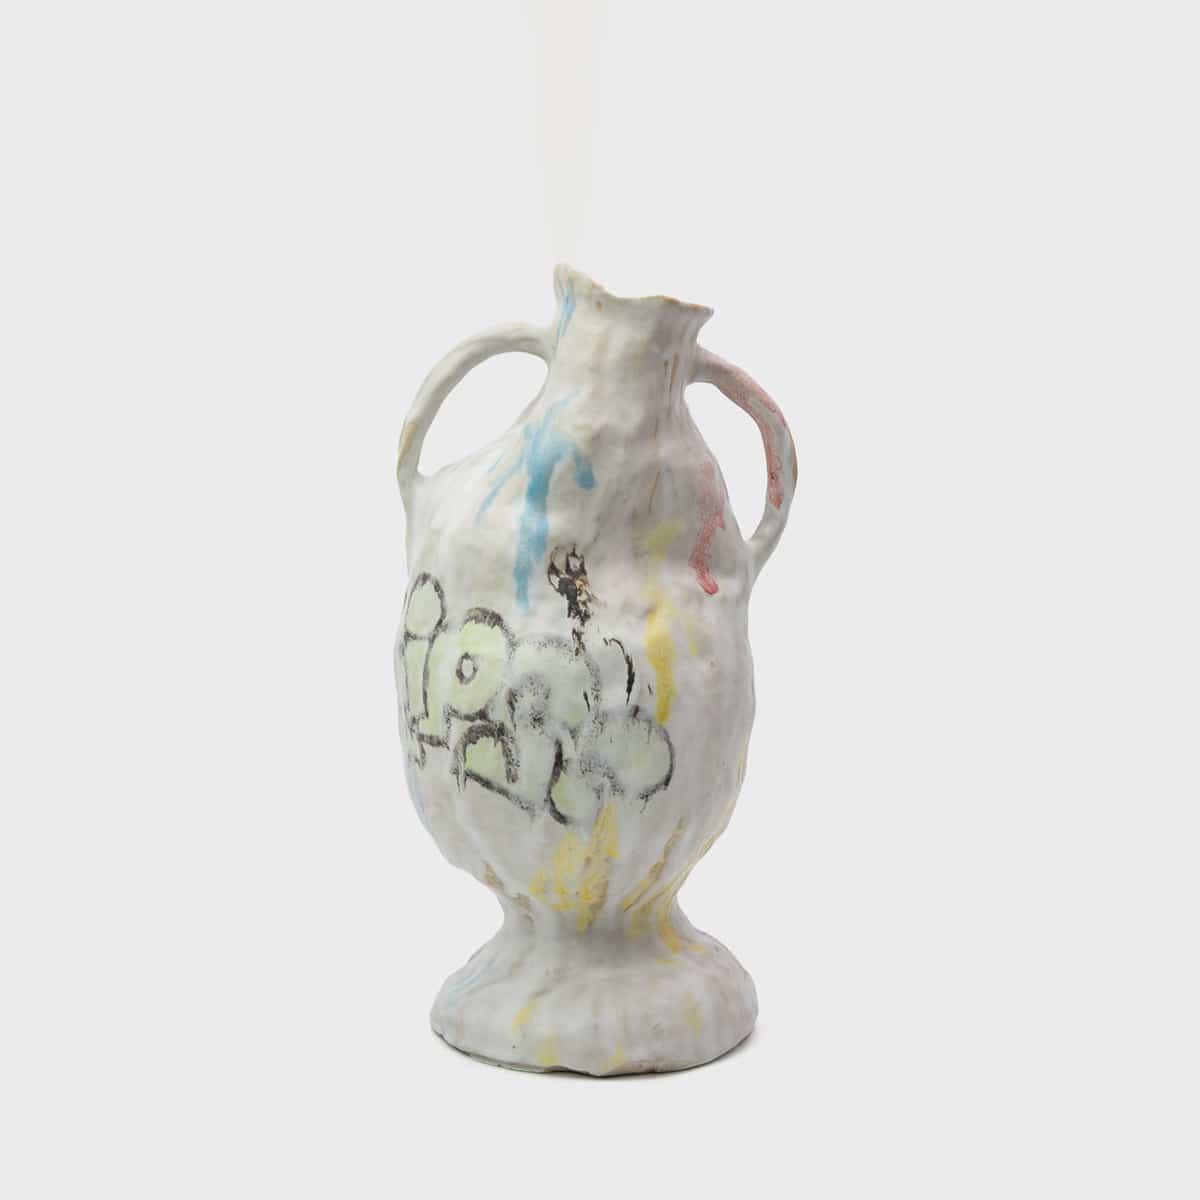 Philip Hedegaard Hiphop Vase